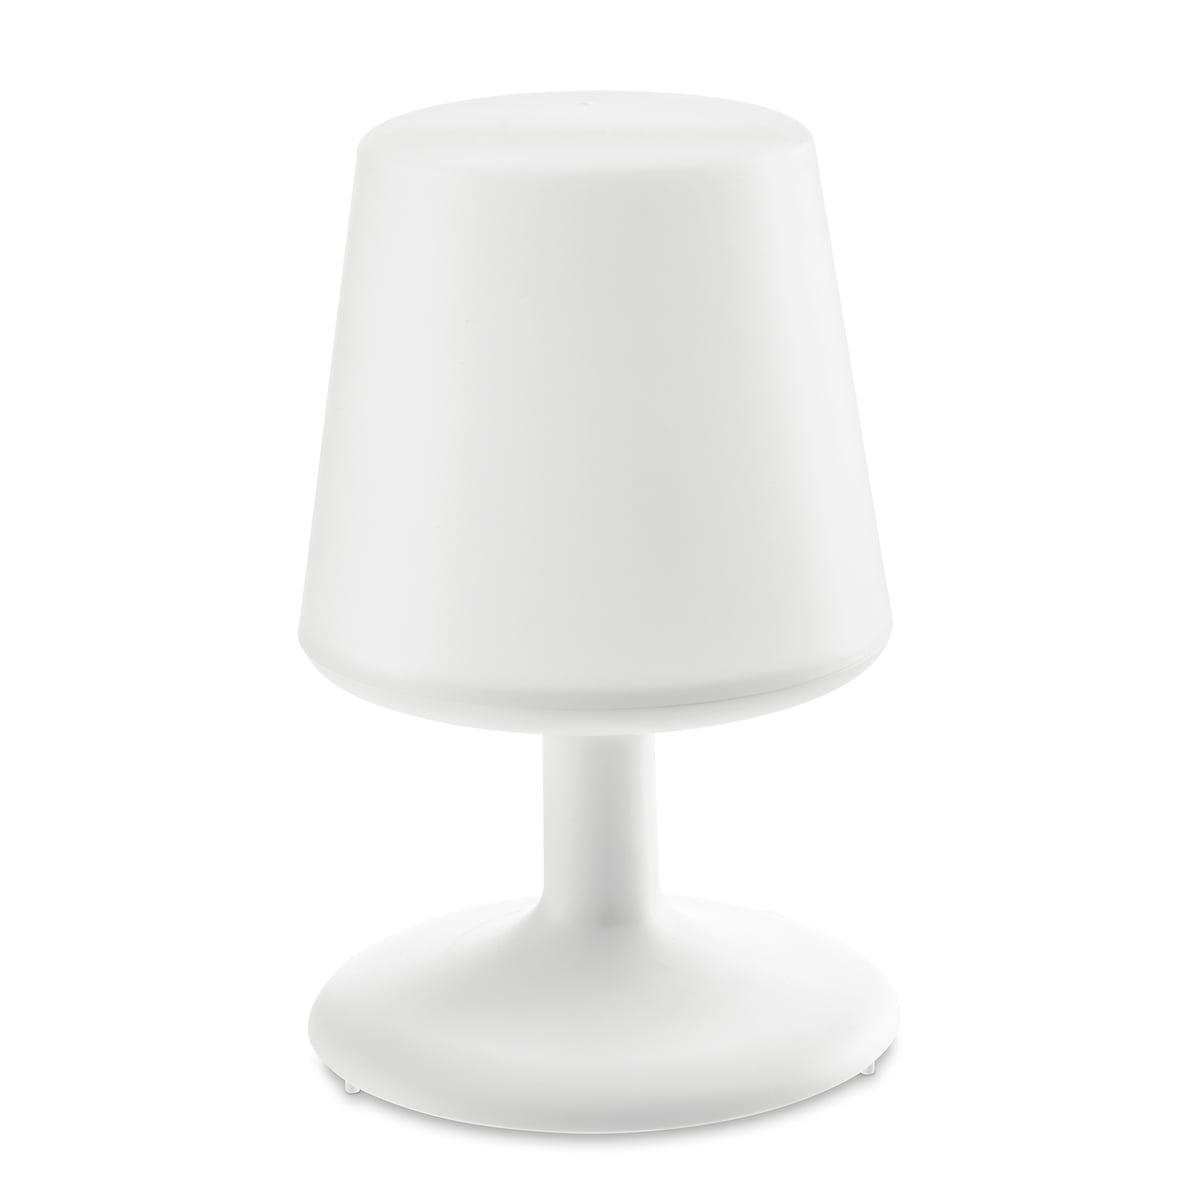 Full Size of Lampe Schlafzimmer Tisch Nachttischlampen Tiwohnzimmer Tijade Stuhl Für Nolte Wiemann Komplett Guenstig Deckenlampen Wohnzimmer Komplette Tischlampe Schlafzimmer Lampe Schlafzimmer